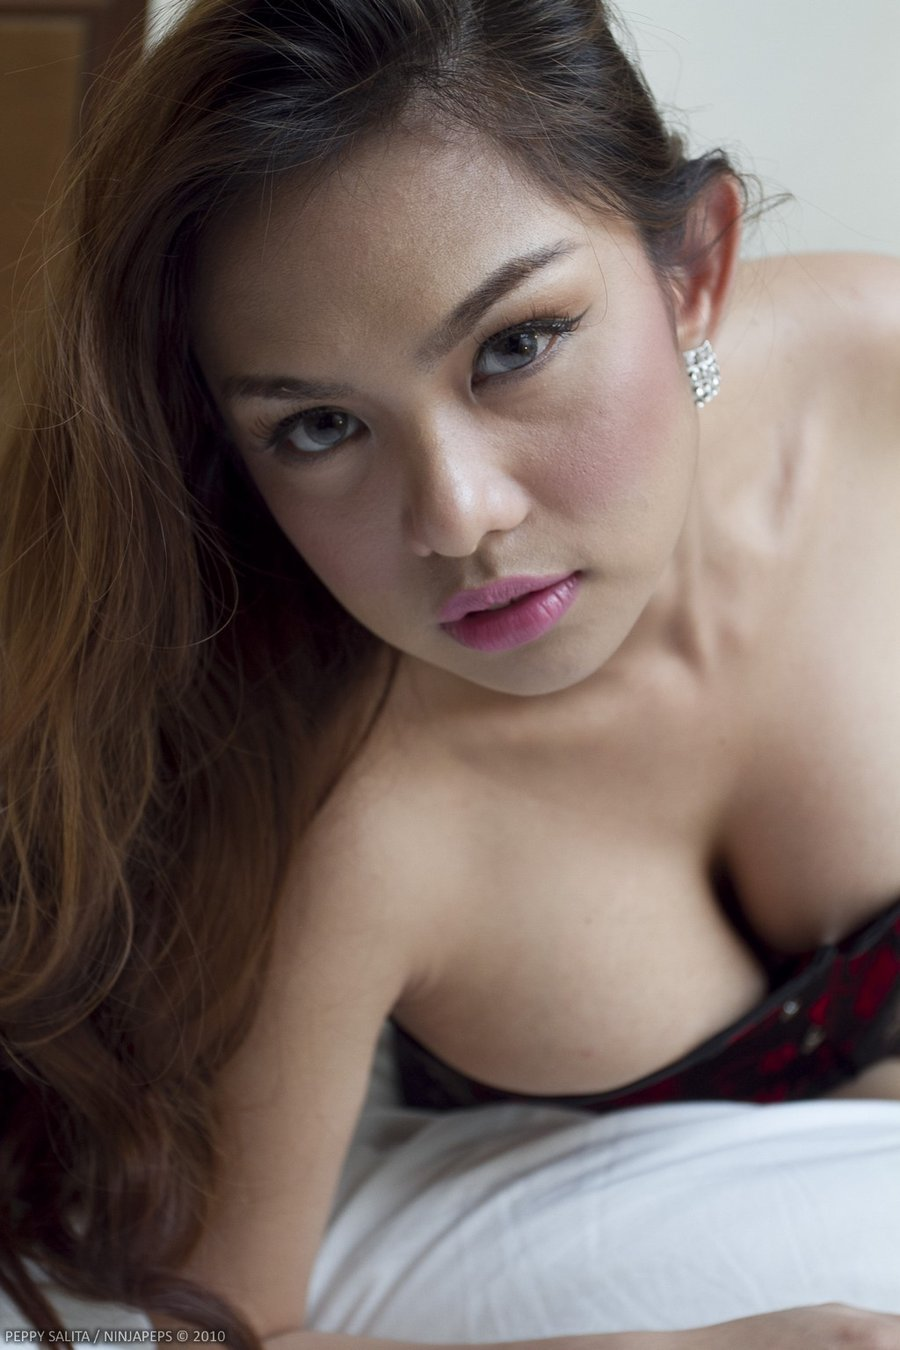 Cerita Sex Hot Penjual Ayam Goreng 2